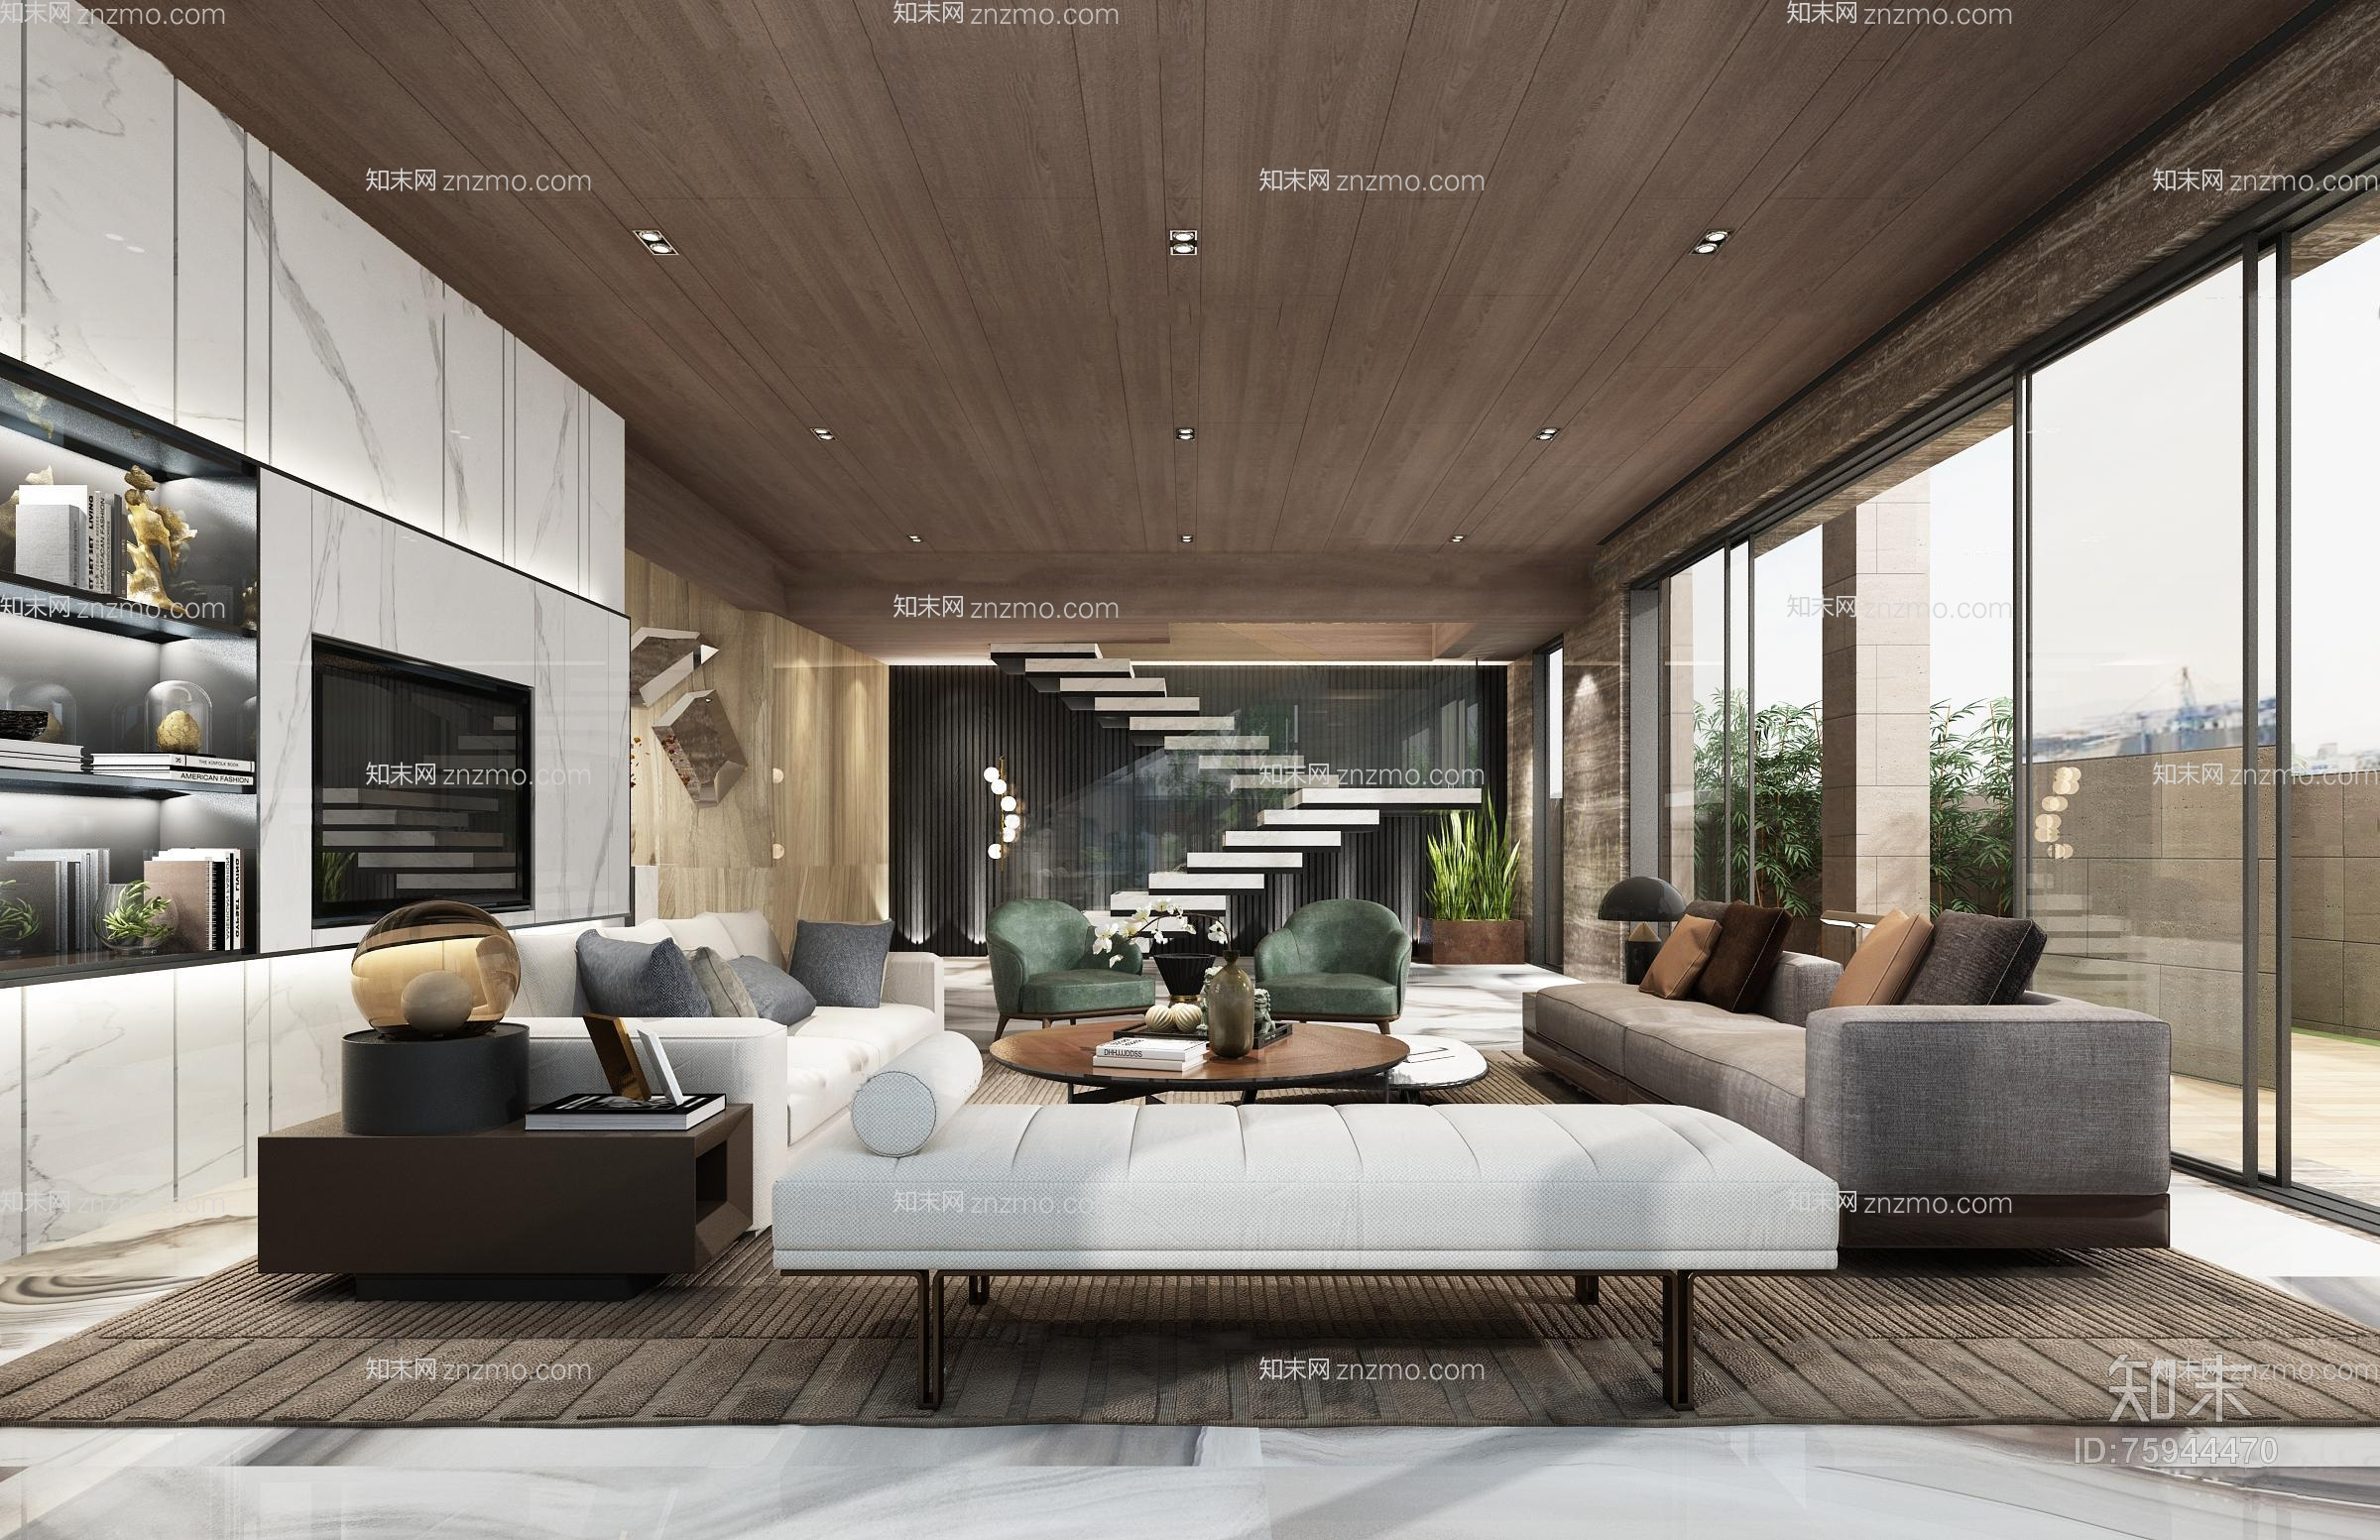 现代客厅 沙发茶几 双人沙发 摆件 单人沙发 角几 沙发凳 壁灯 楼梯